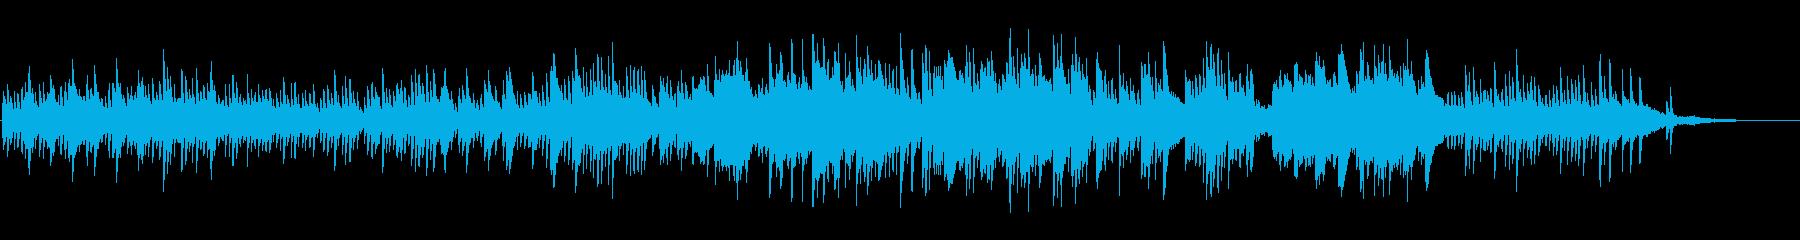 化粧水CMVP女性系透明爽やか(ピアノ)の再生済みの波形